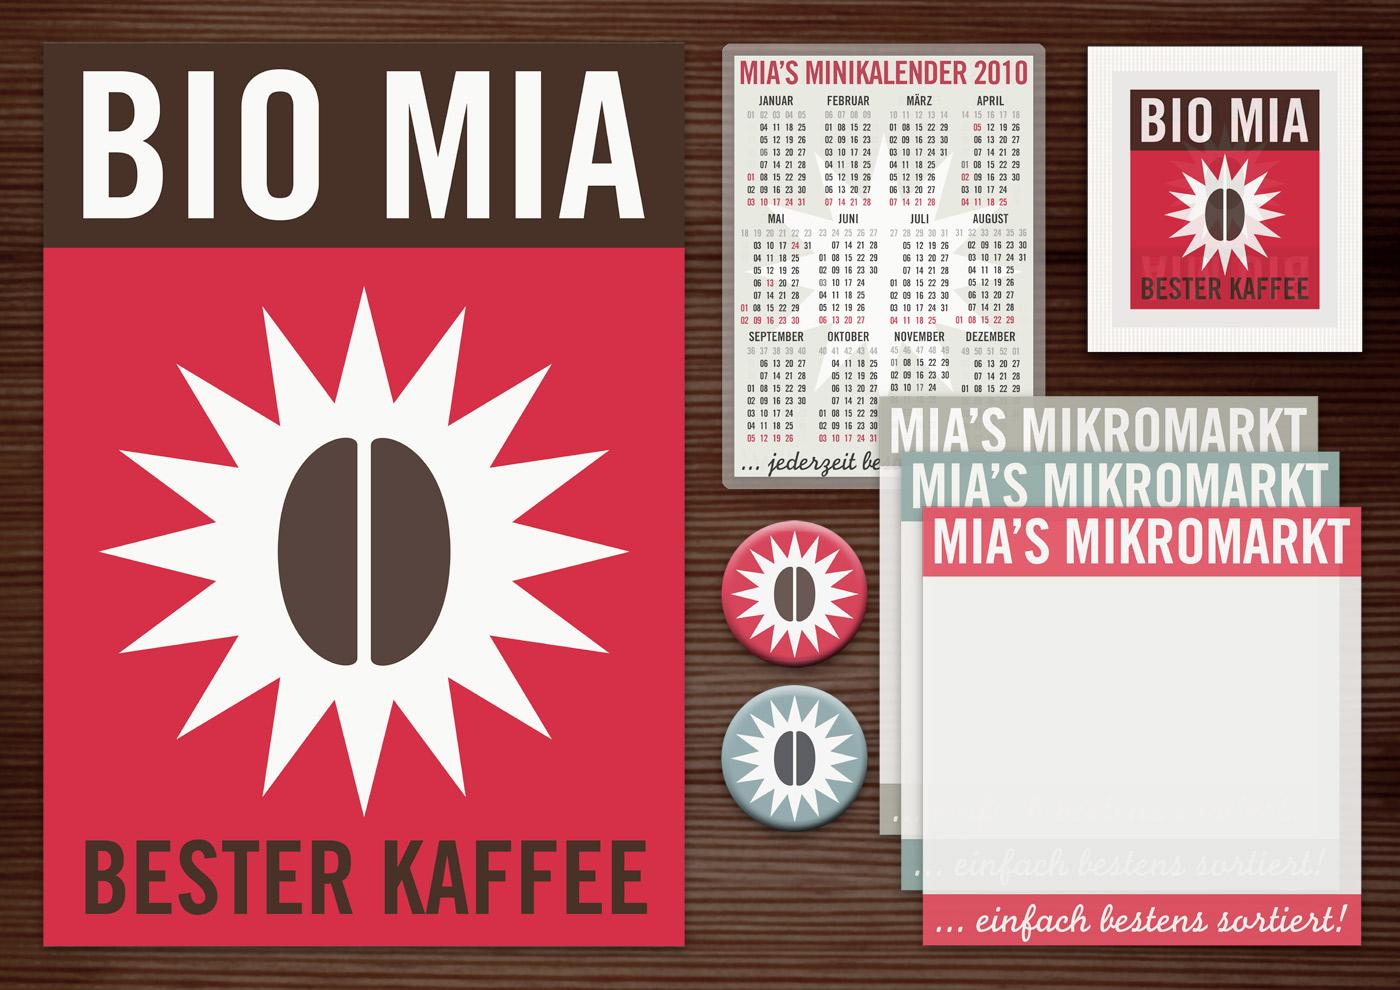 Corporate Identity, Logo und Grafik Design für Werbung, Verpackung, Poster, Postkarten, Flyer, Zuckertütchen, Notizzettel und Buttons mit Kaffeebohne für Lily Lux Bio Mia Kaffee